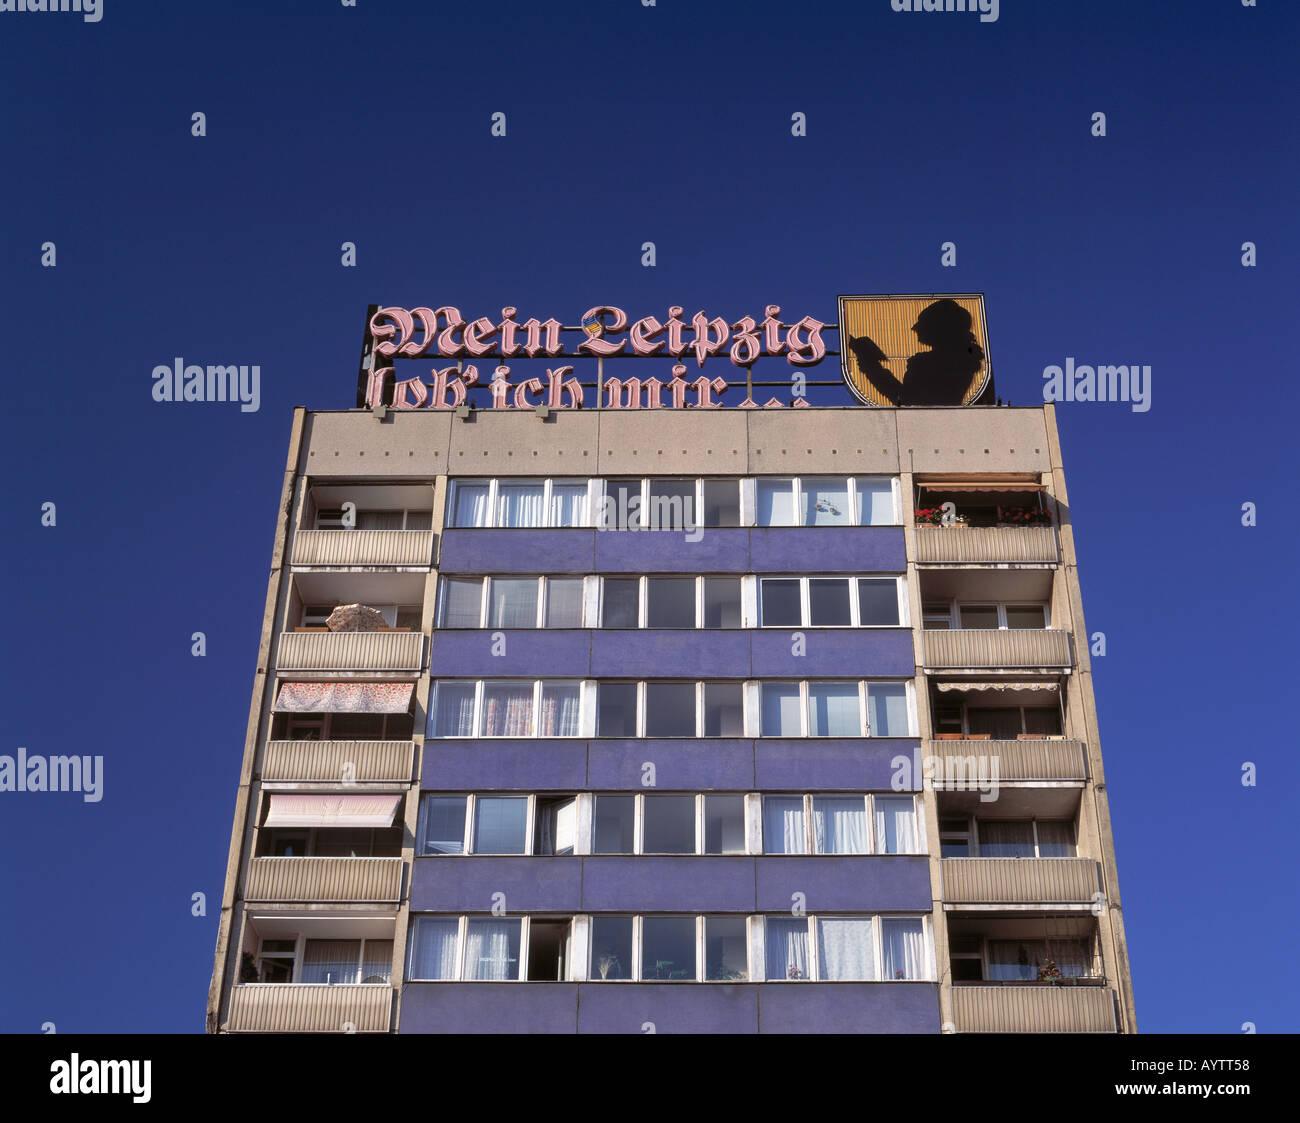 """Goethe-Zitat """"Mein Leipzig lob ich mir"""" als Neonreklame auf einem Mehrfamilienwohnhaus in Leipzig, Sachsen Stock Photo"""